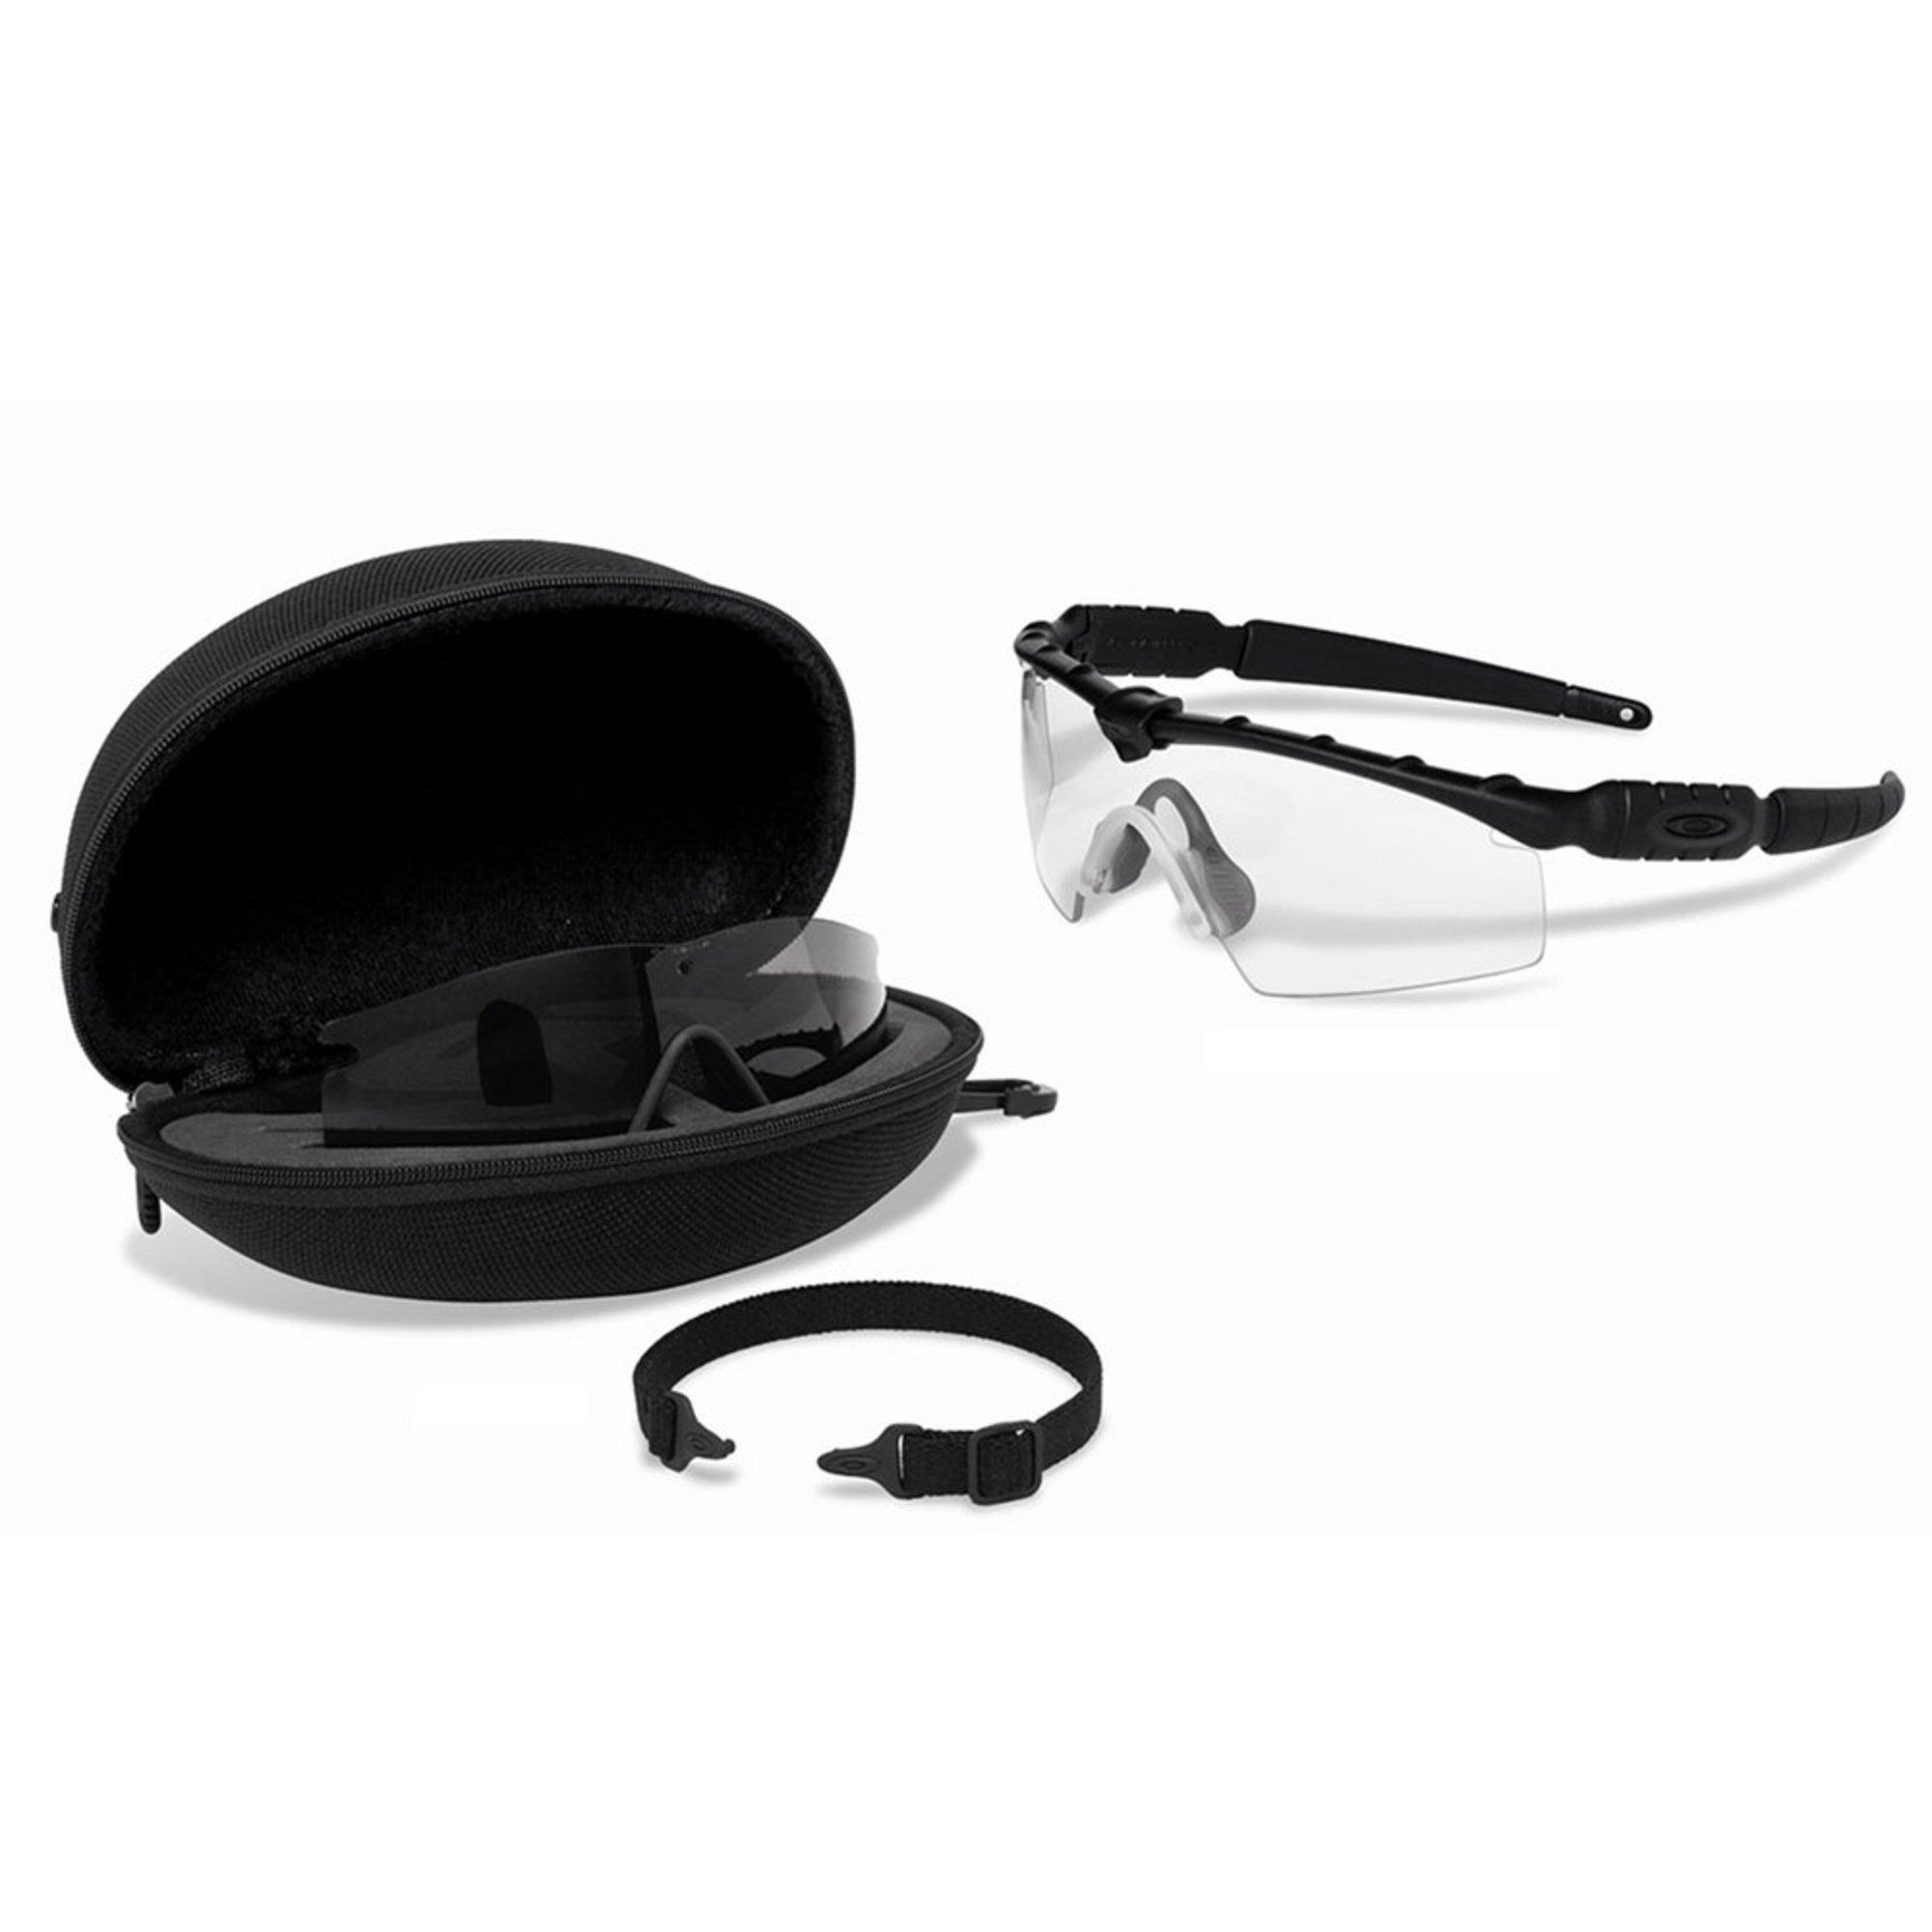 7f5e02fea1 Oakley Men s Standard Issue Ballistic 2.0 Sunglasses